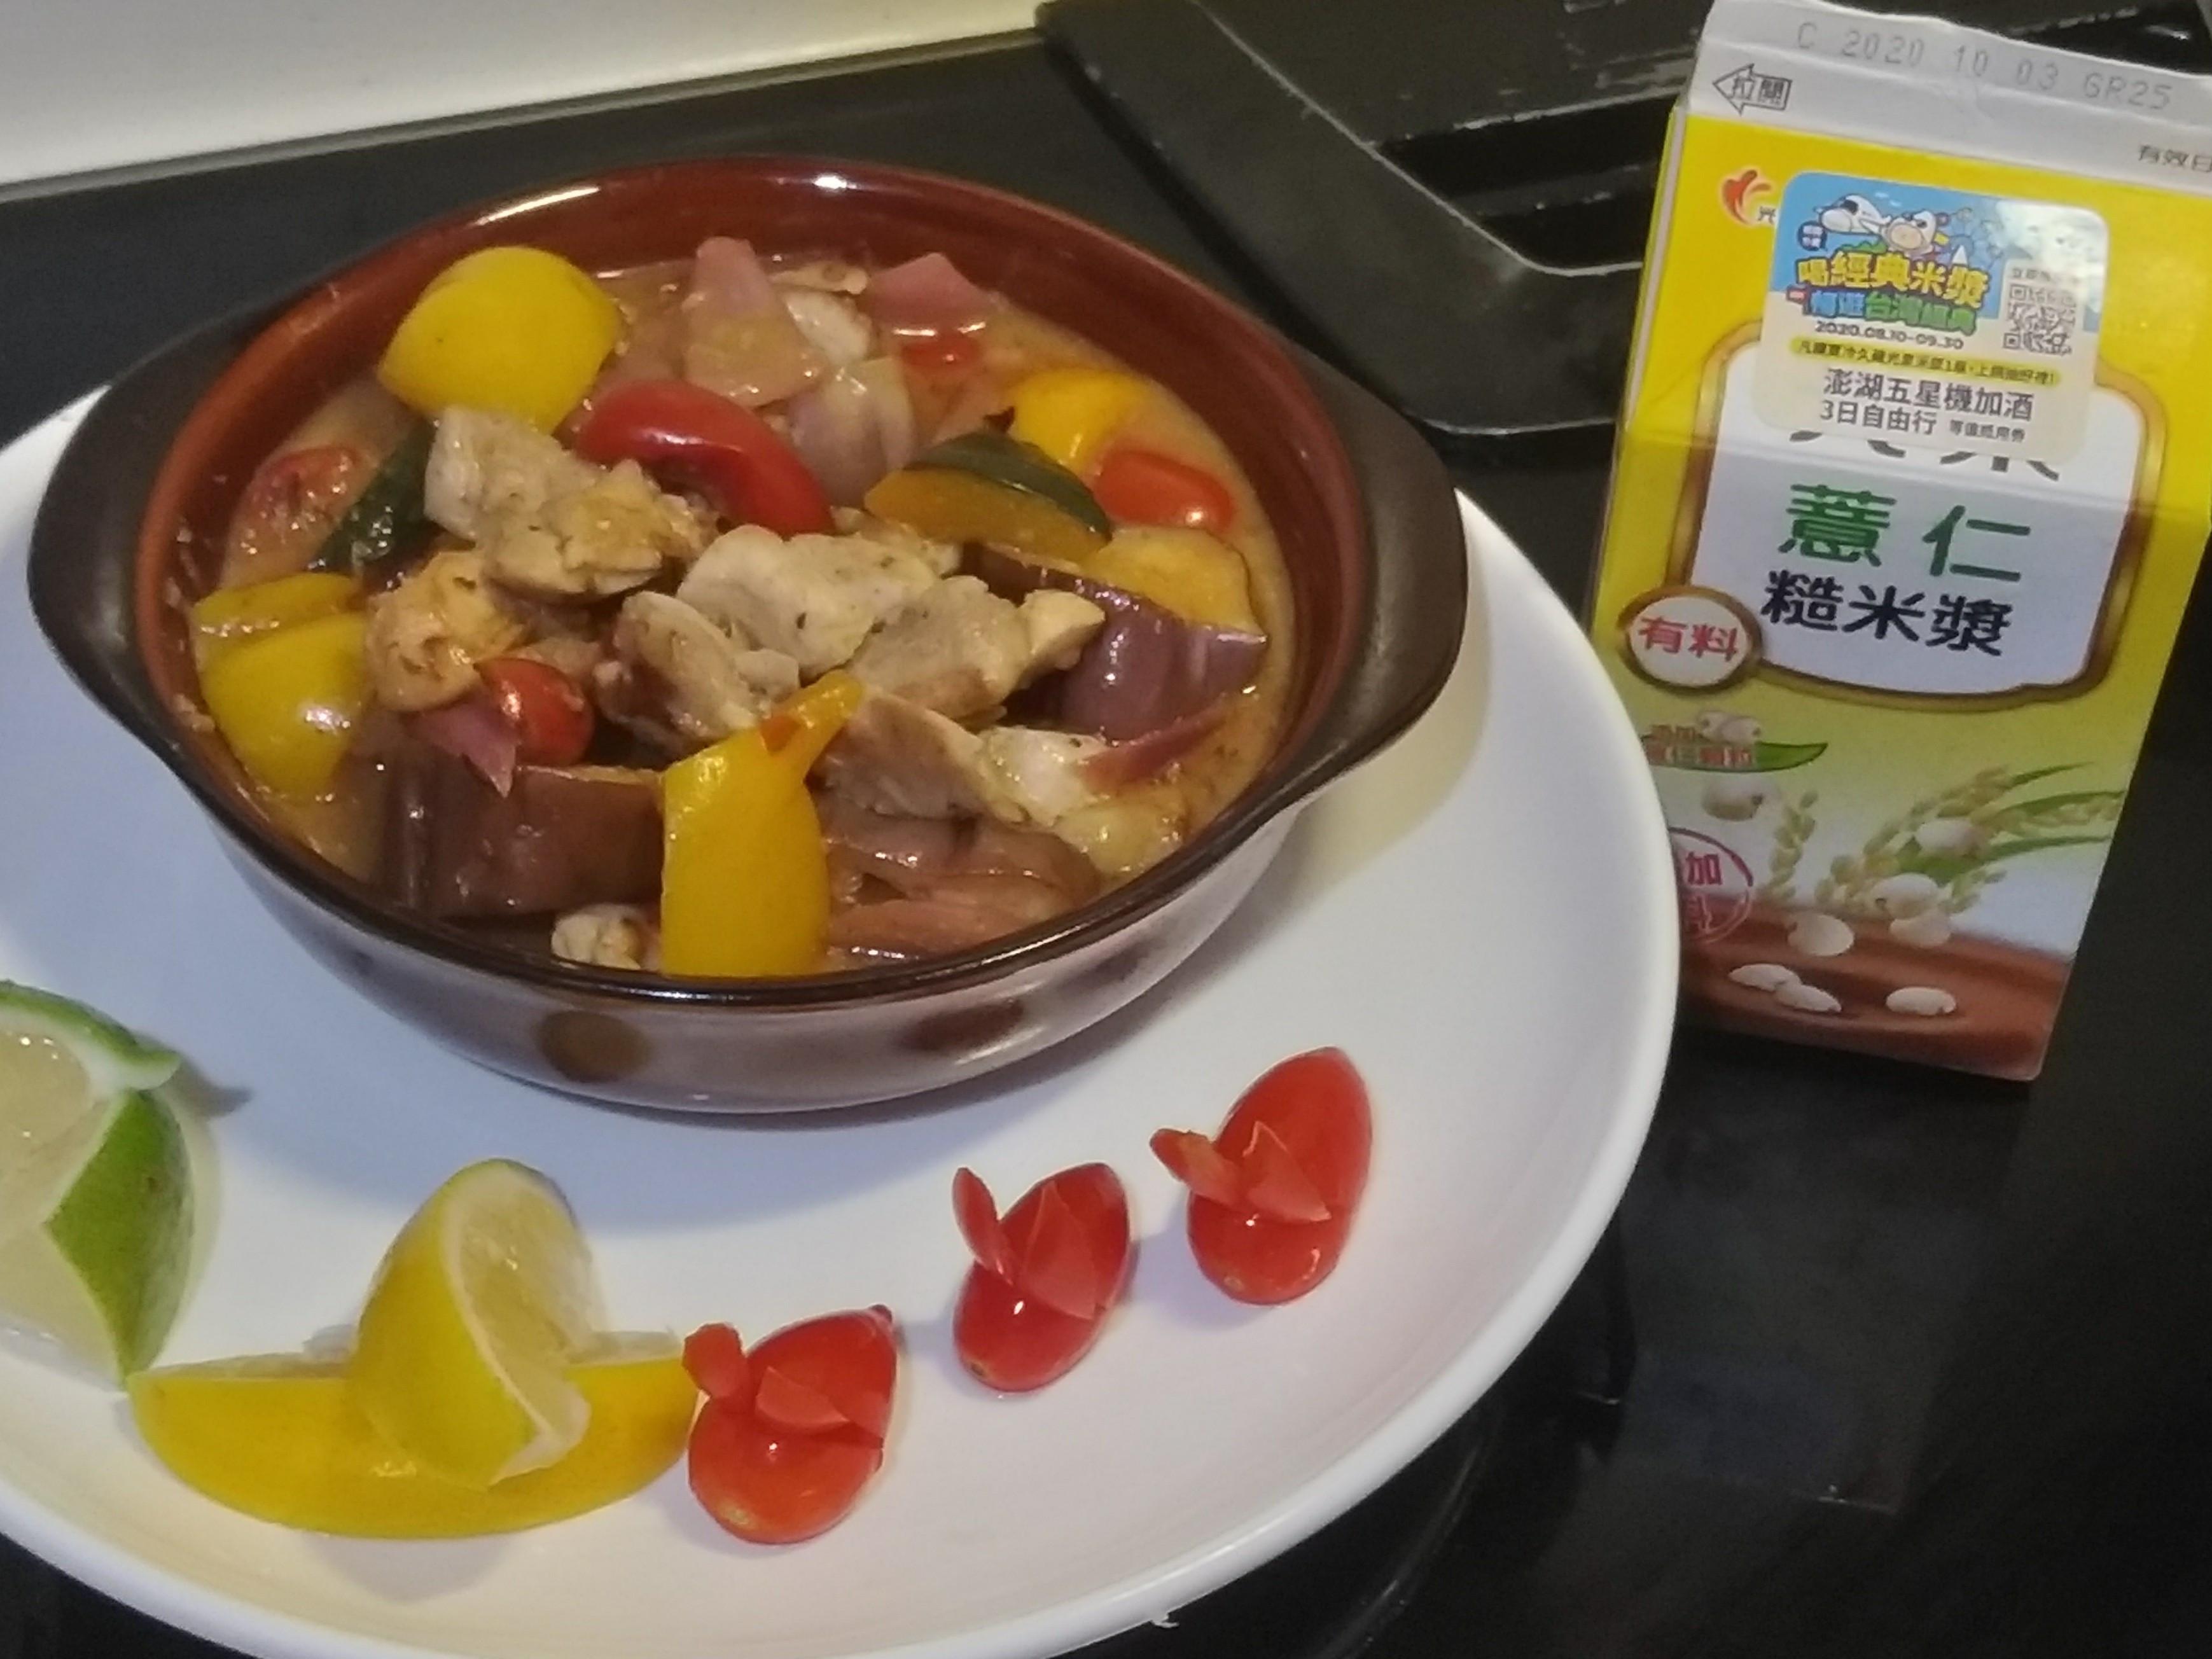 泰式柑橘檸檬雞肉野菜溫沙拉